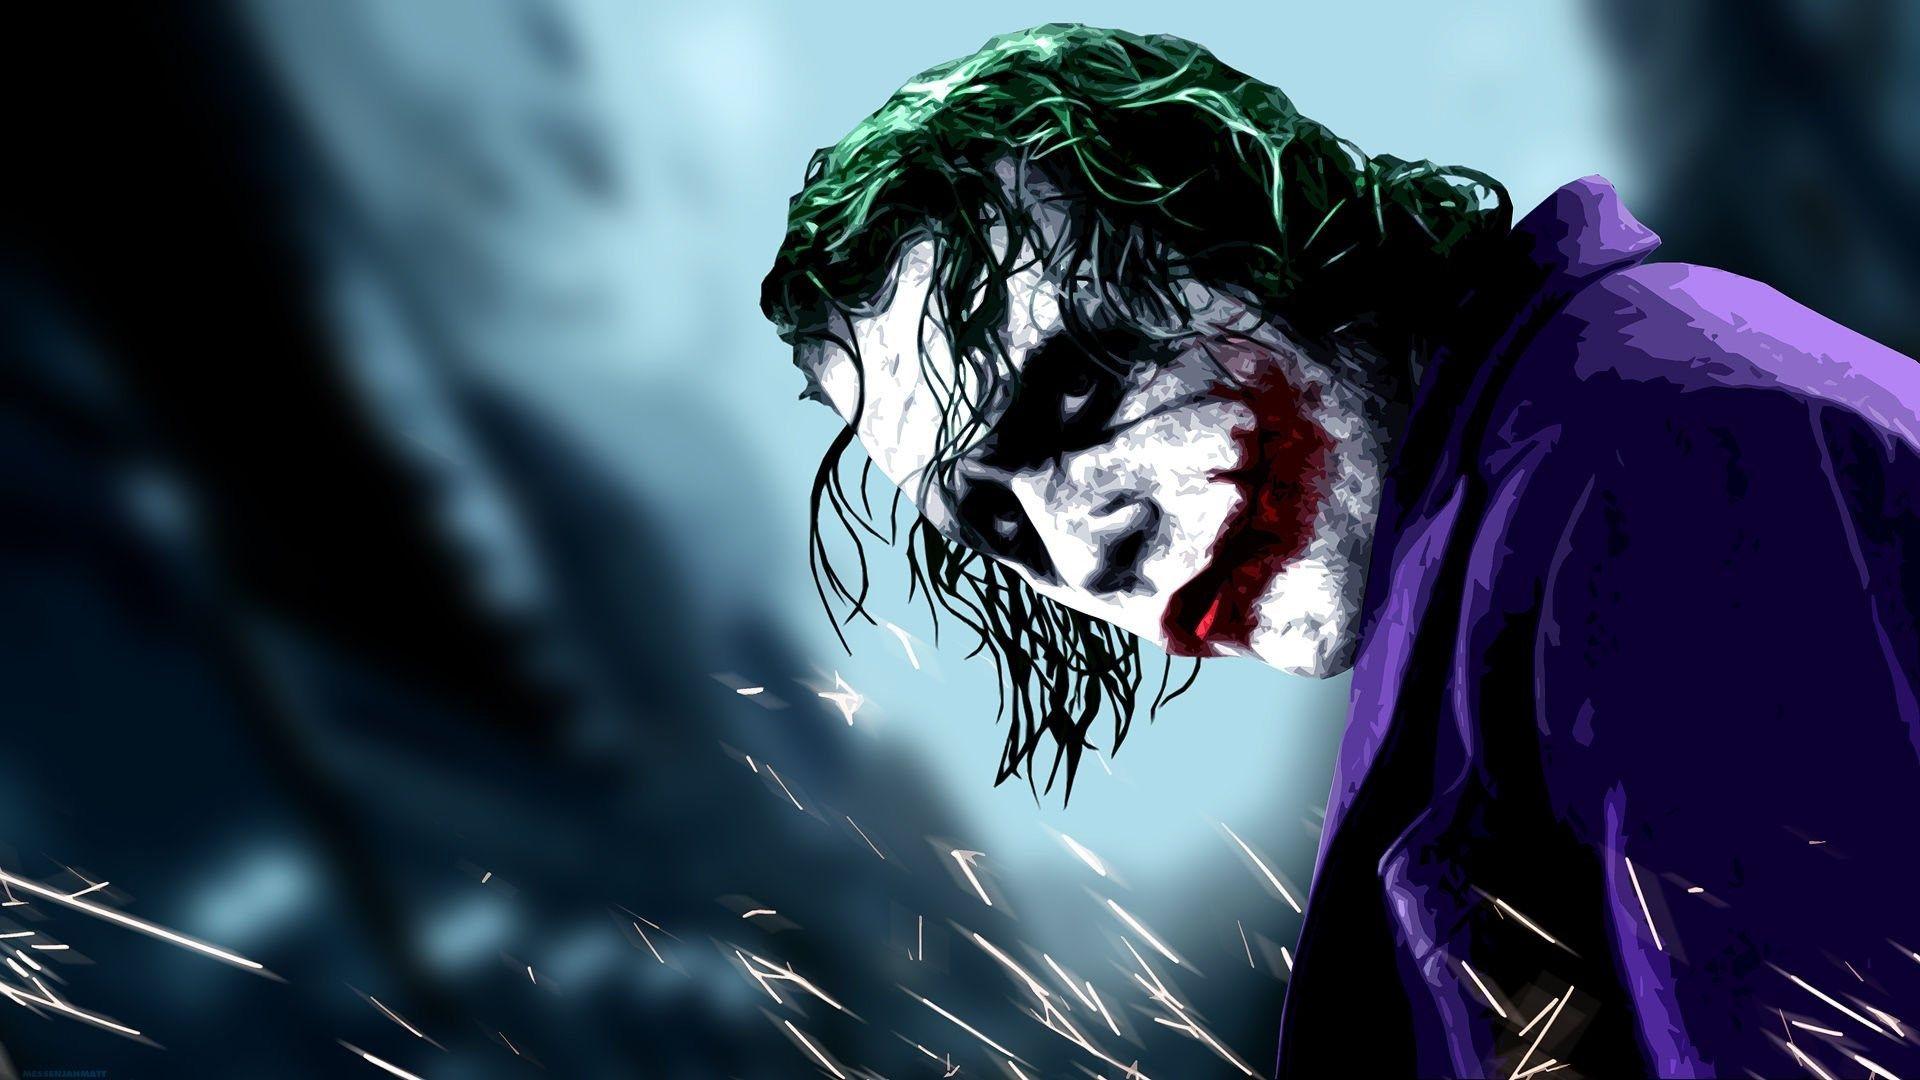 joker theme background images  Joker wallpapers, Joker images